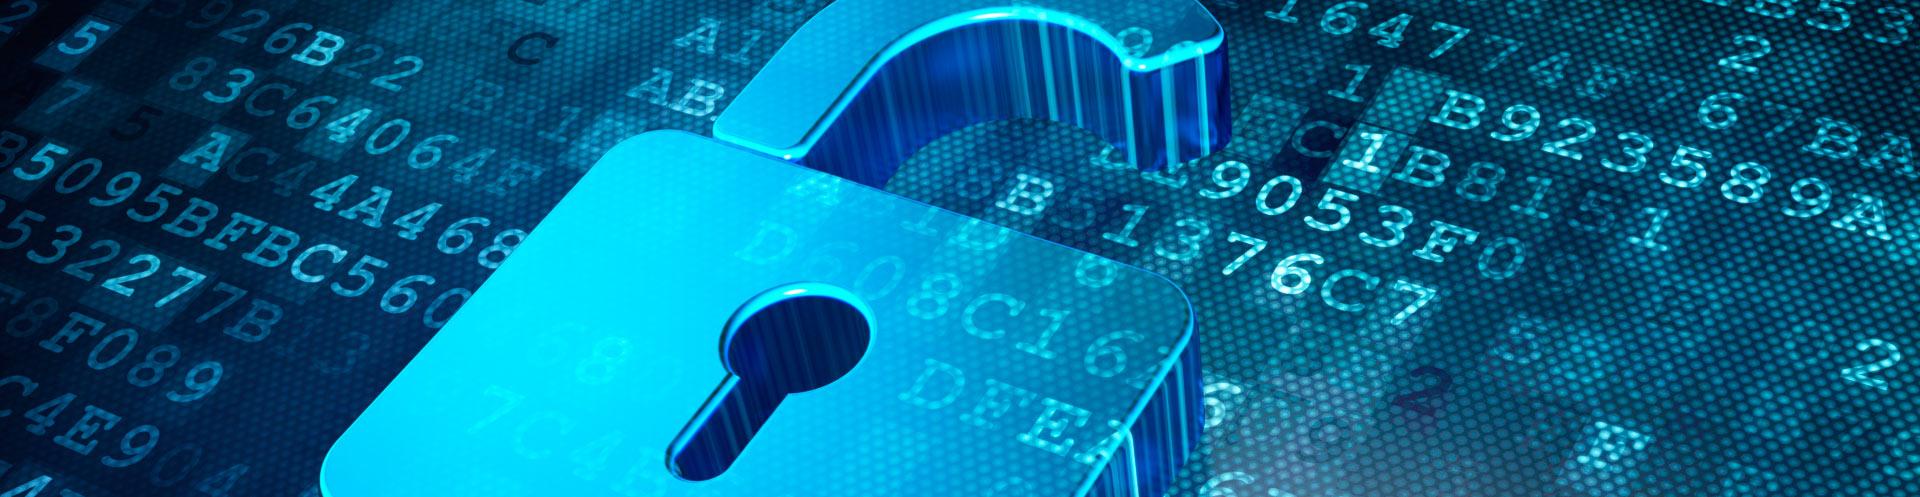 ameaças digitais